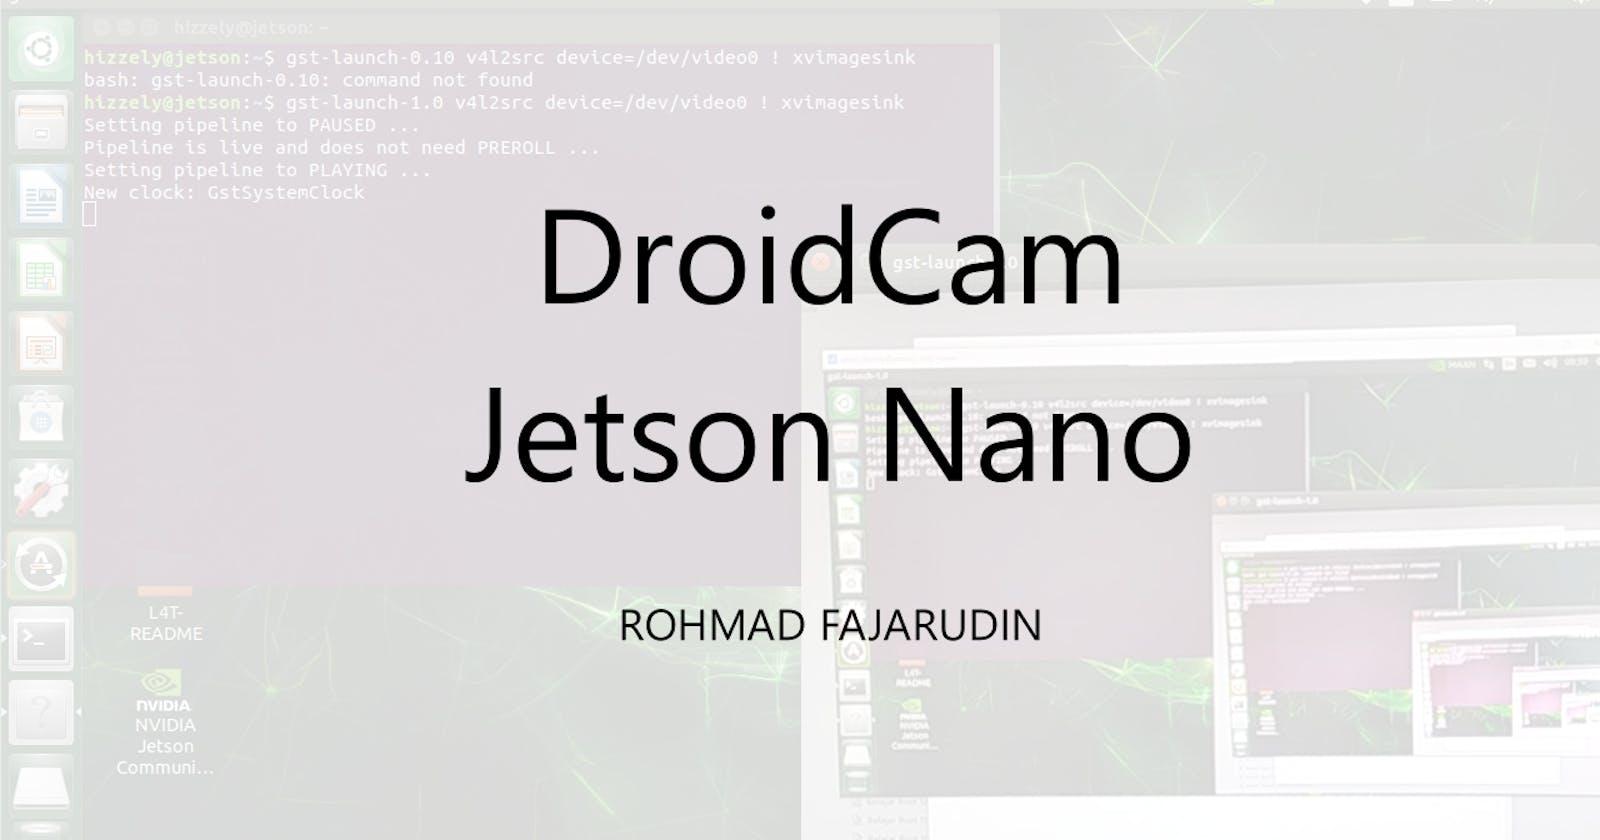 Instalasi DroidCam CLI di Jetson Nano